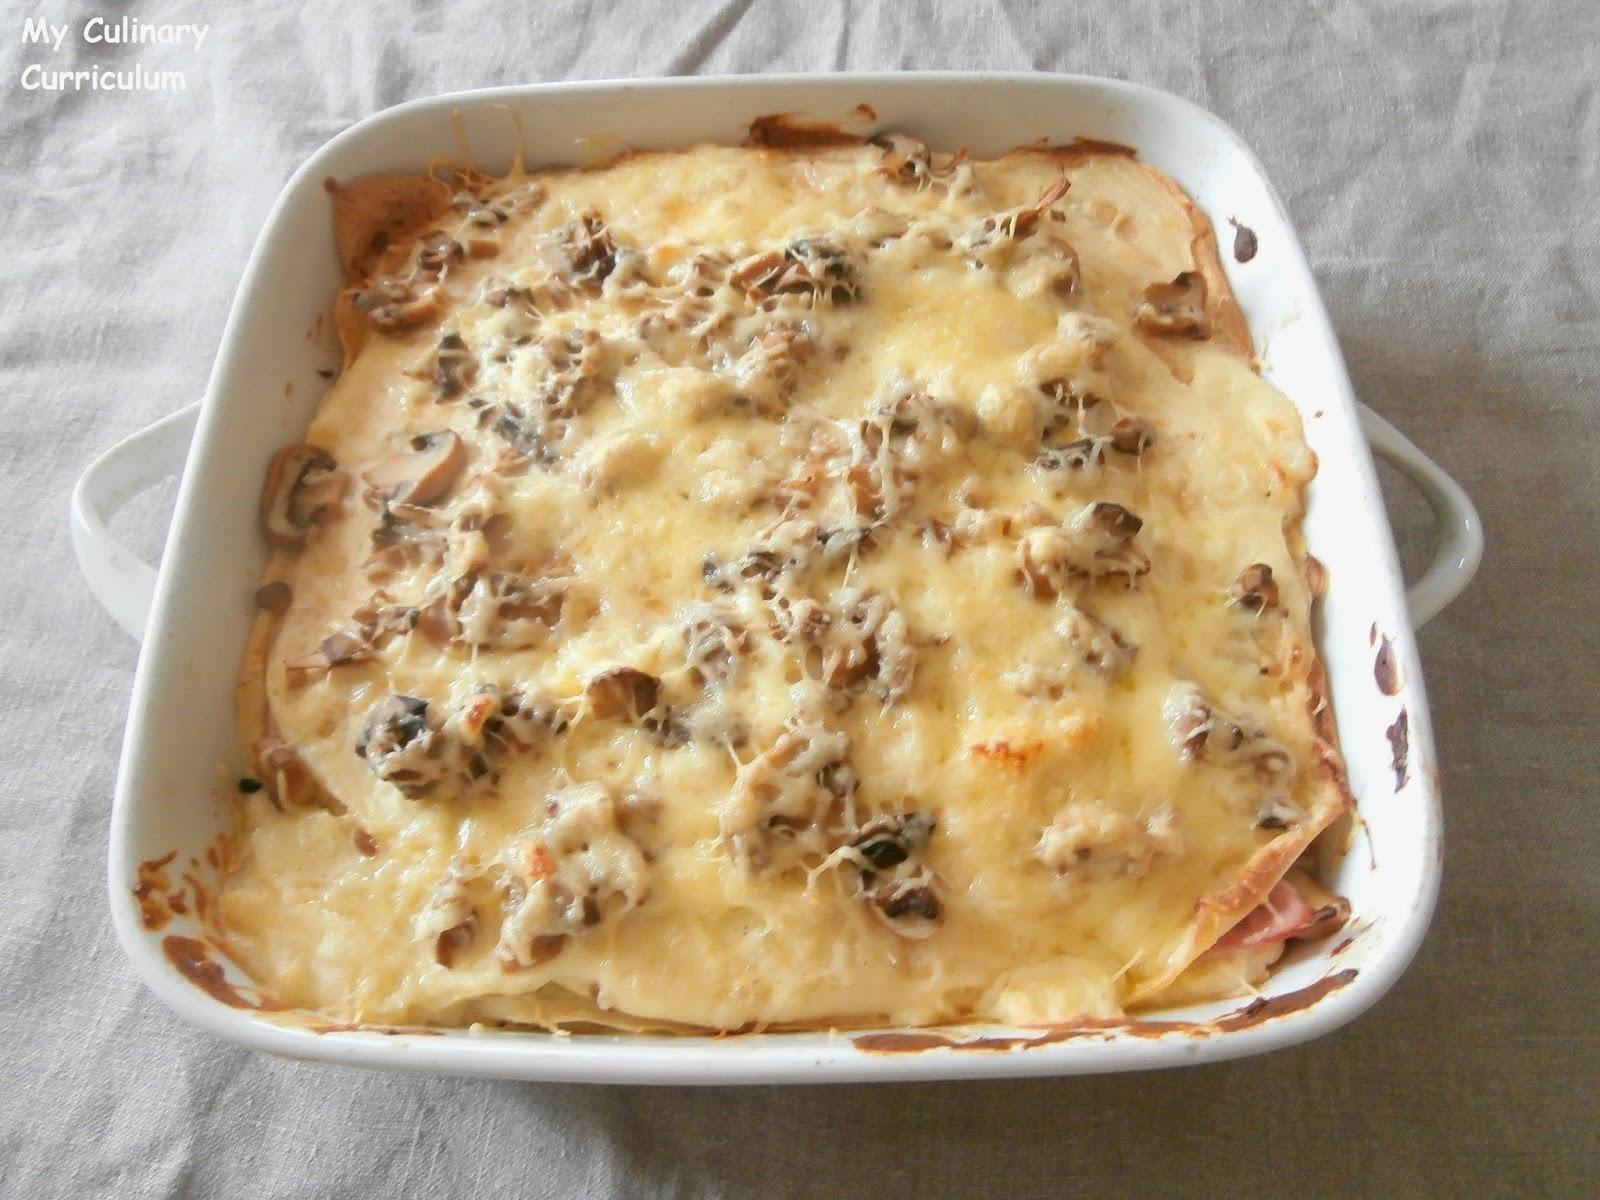 Lasagnes de crêpes jambon, champignons et béchamel (Lasagna ham pancakes, mushrooms and béchamel)